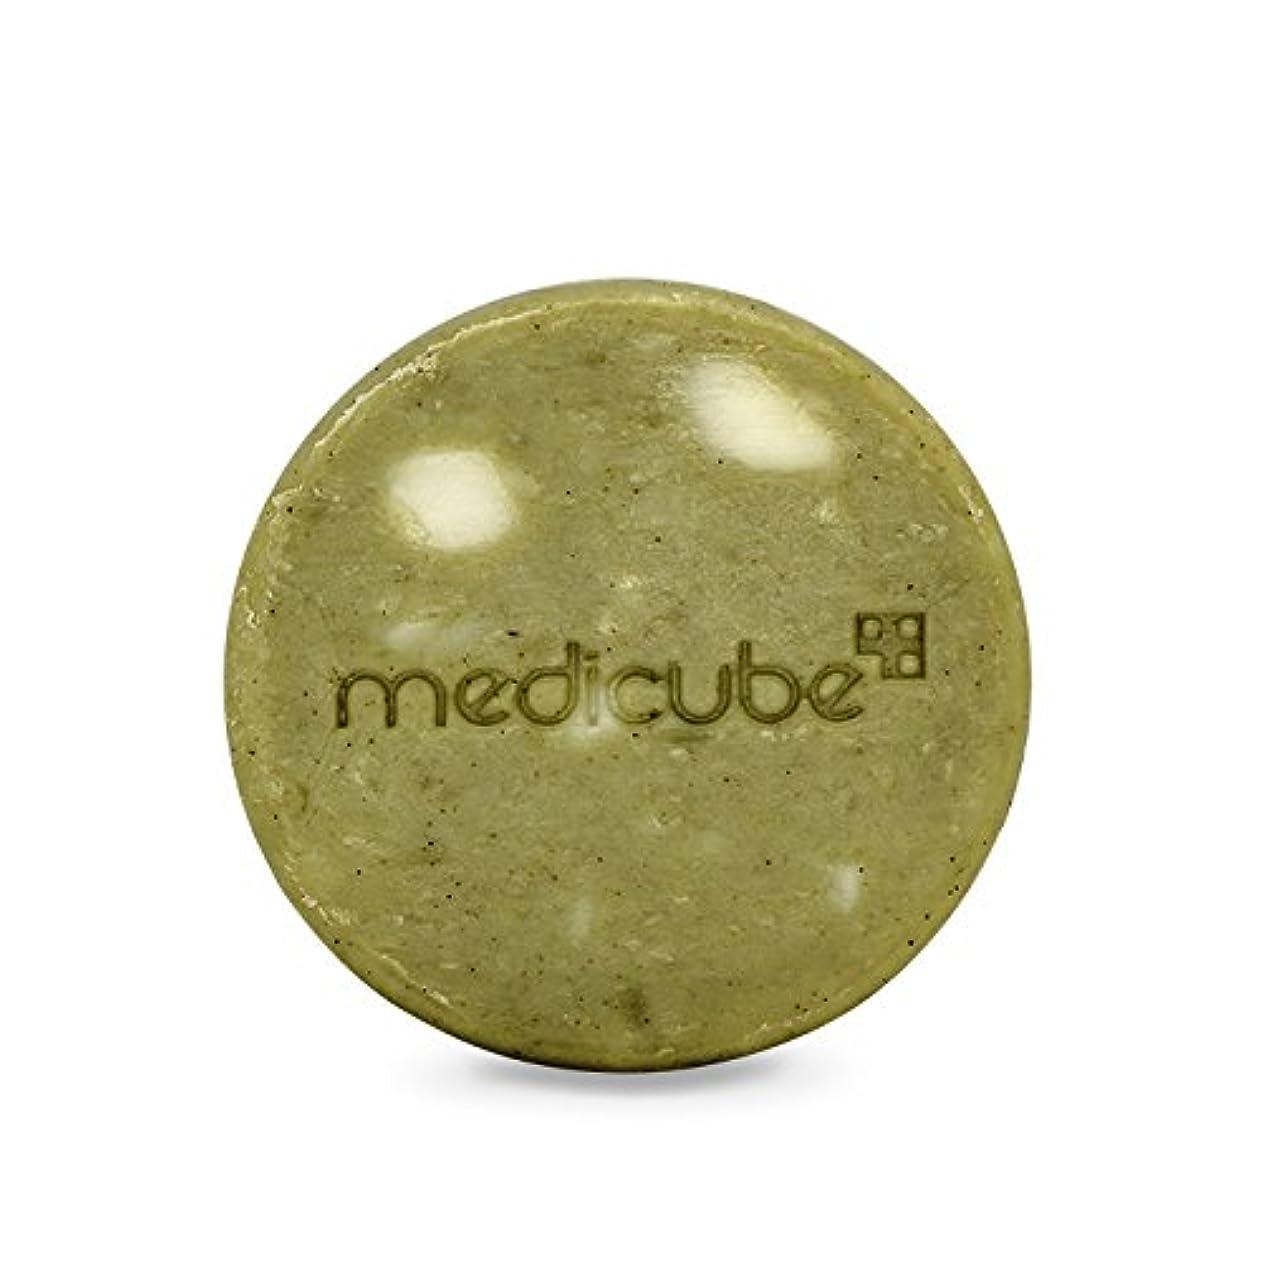 シェフほぼ書士[Medicube]Red Body Bar / メディキューブレッドボディバー / 正品?海外直送商品 [並行輸入品]